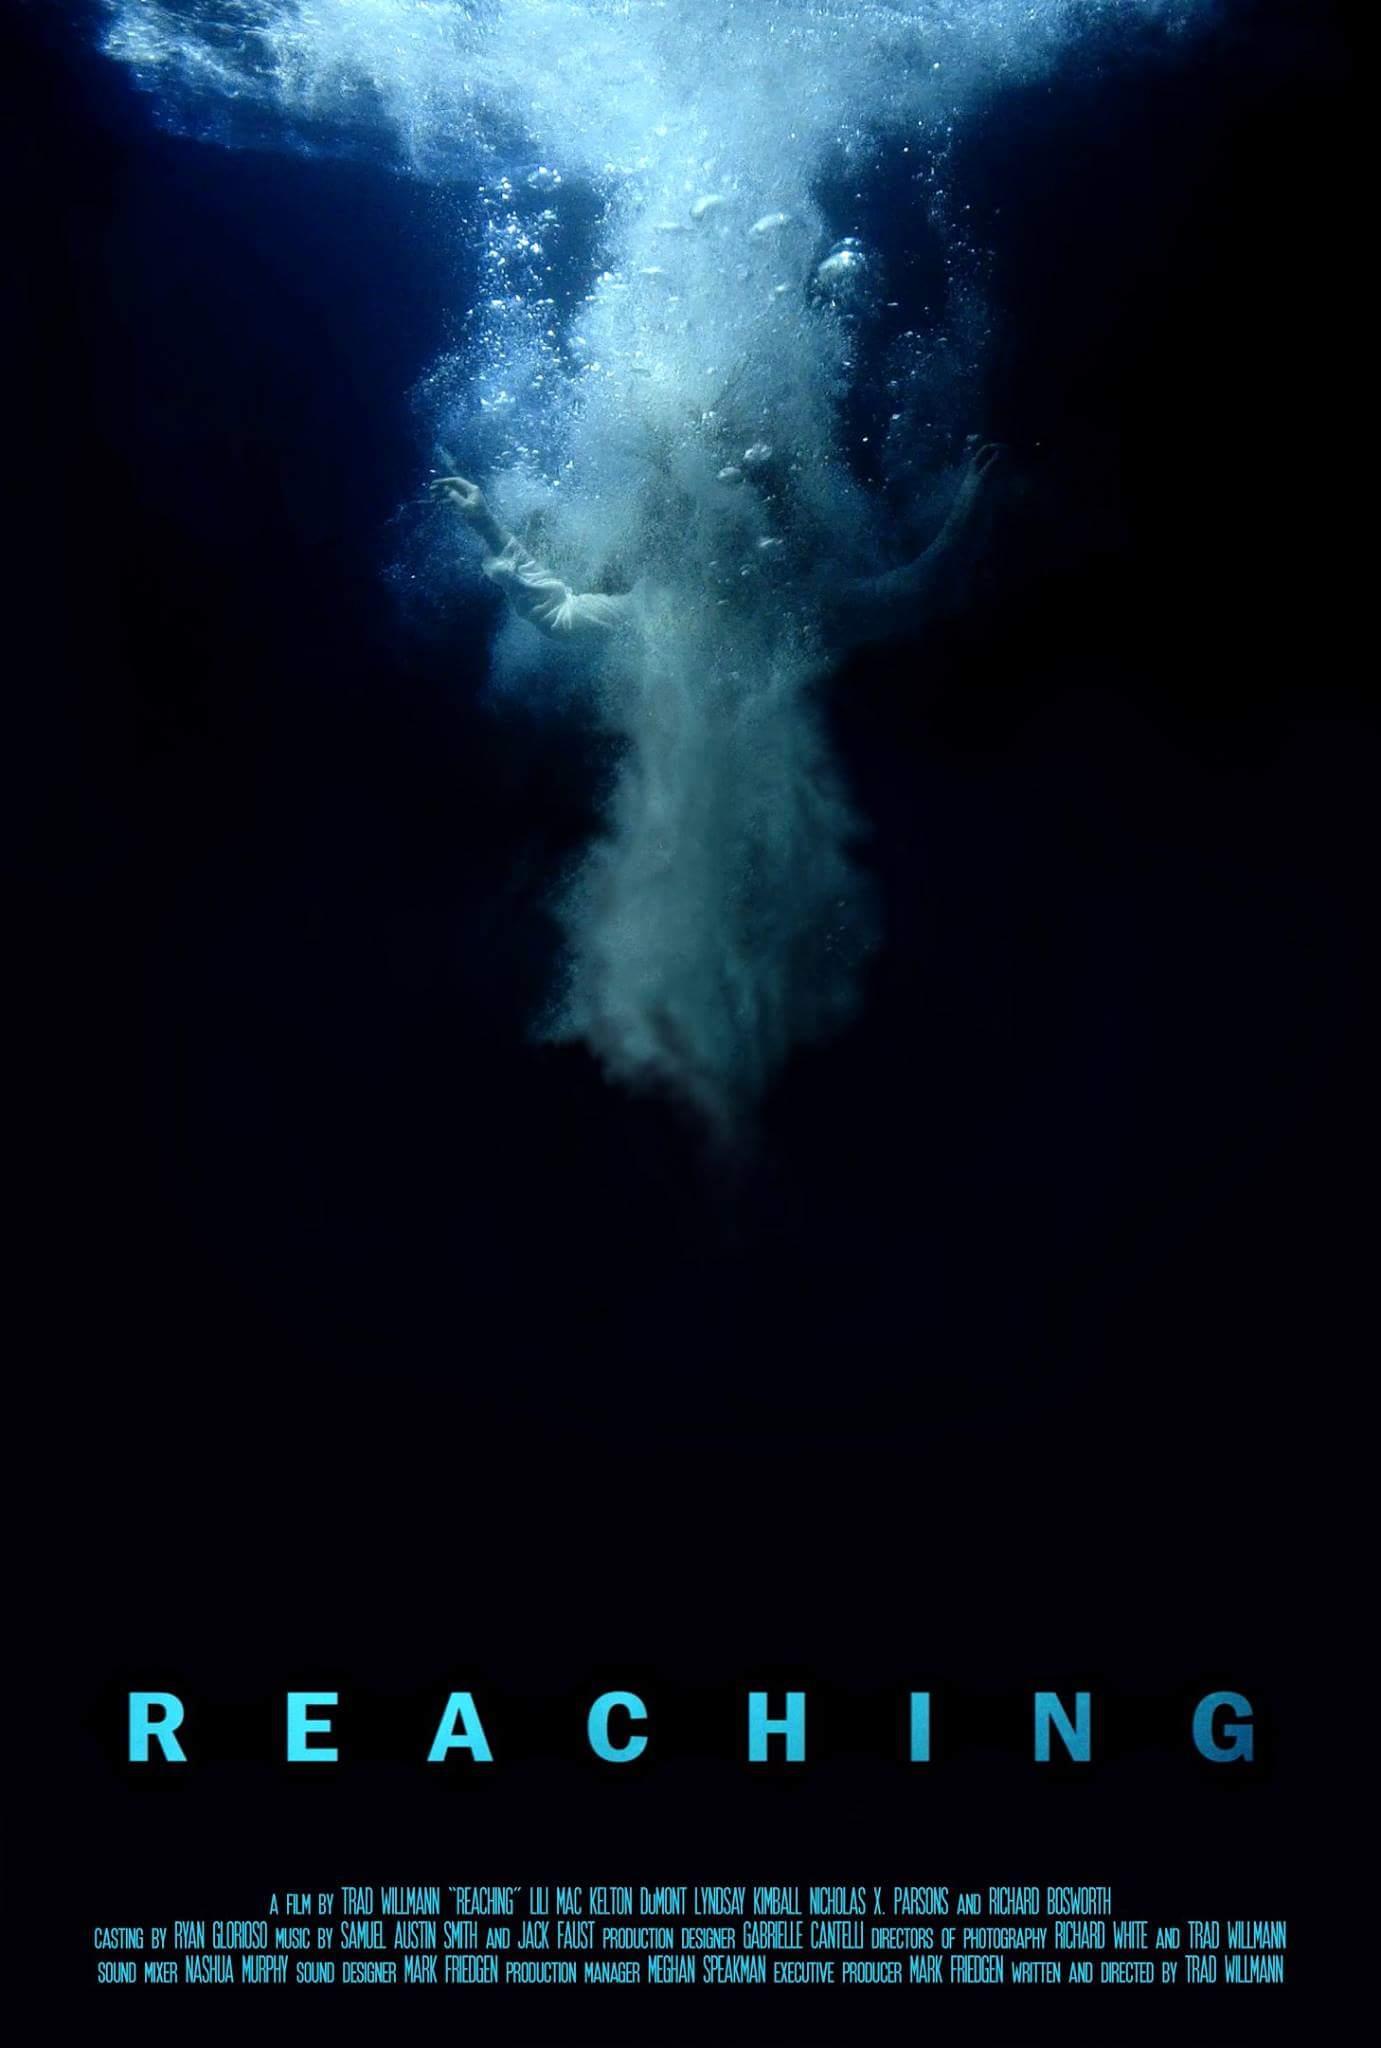 Reaching_Poster